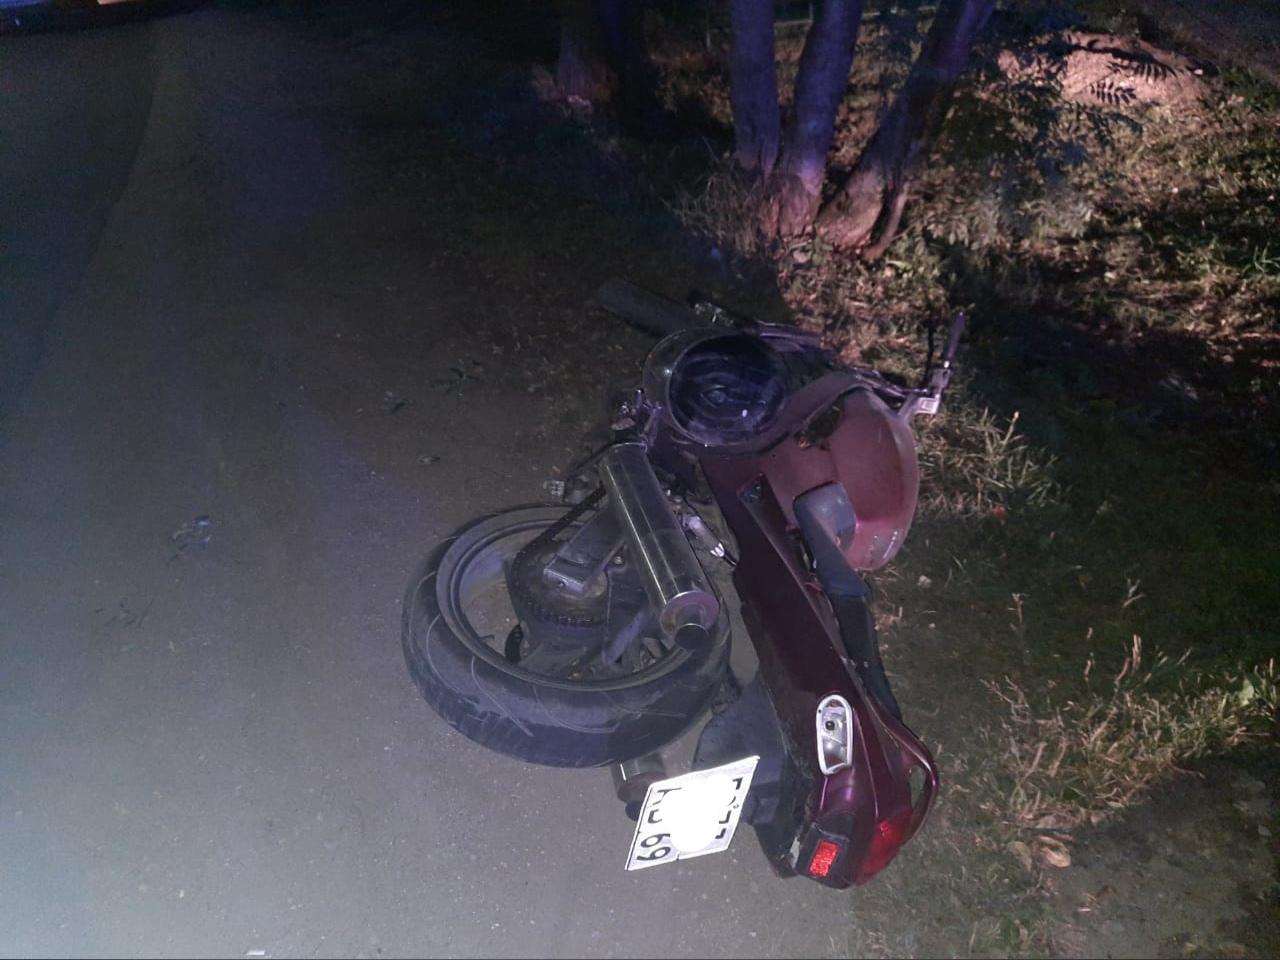 Мотоциклист получил травмы в ДТП в Тверской области